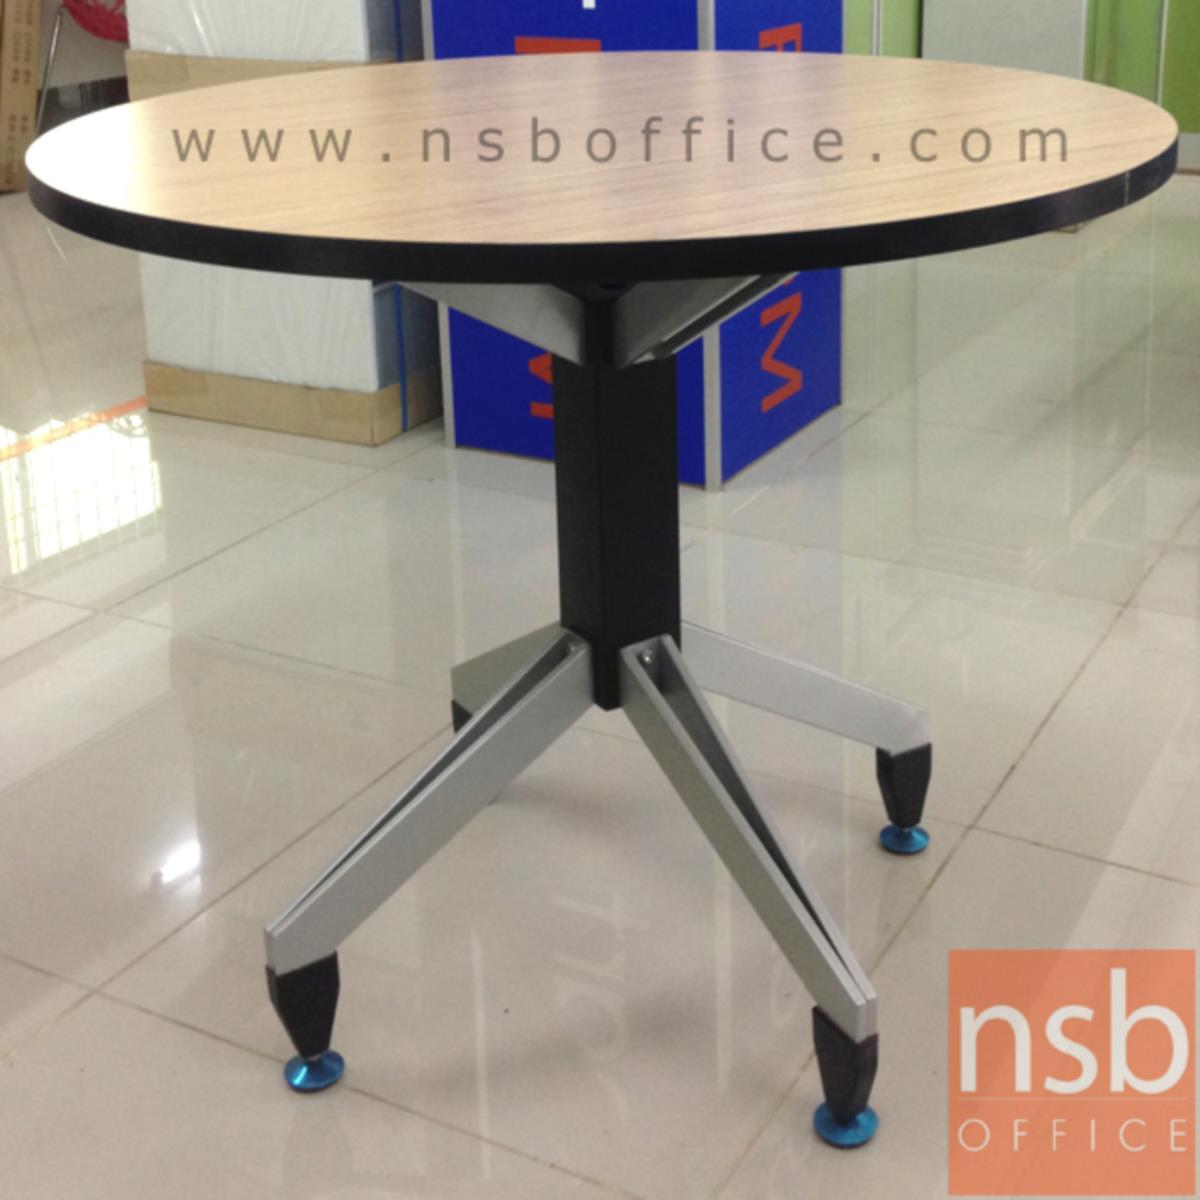 โต๊ะประชุมกลม 25 mm. รุ่น Beverley (เบอเวอรี่) ขนาด 100Di cm. โครงขาเหล็ก 3 แฉก